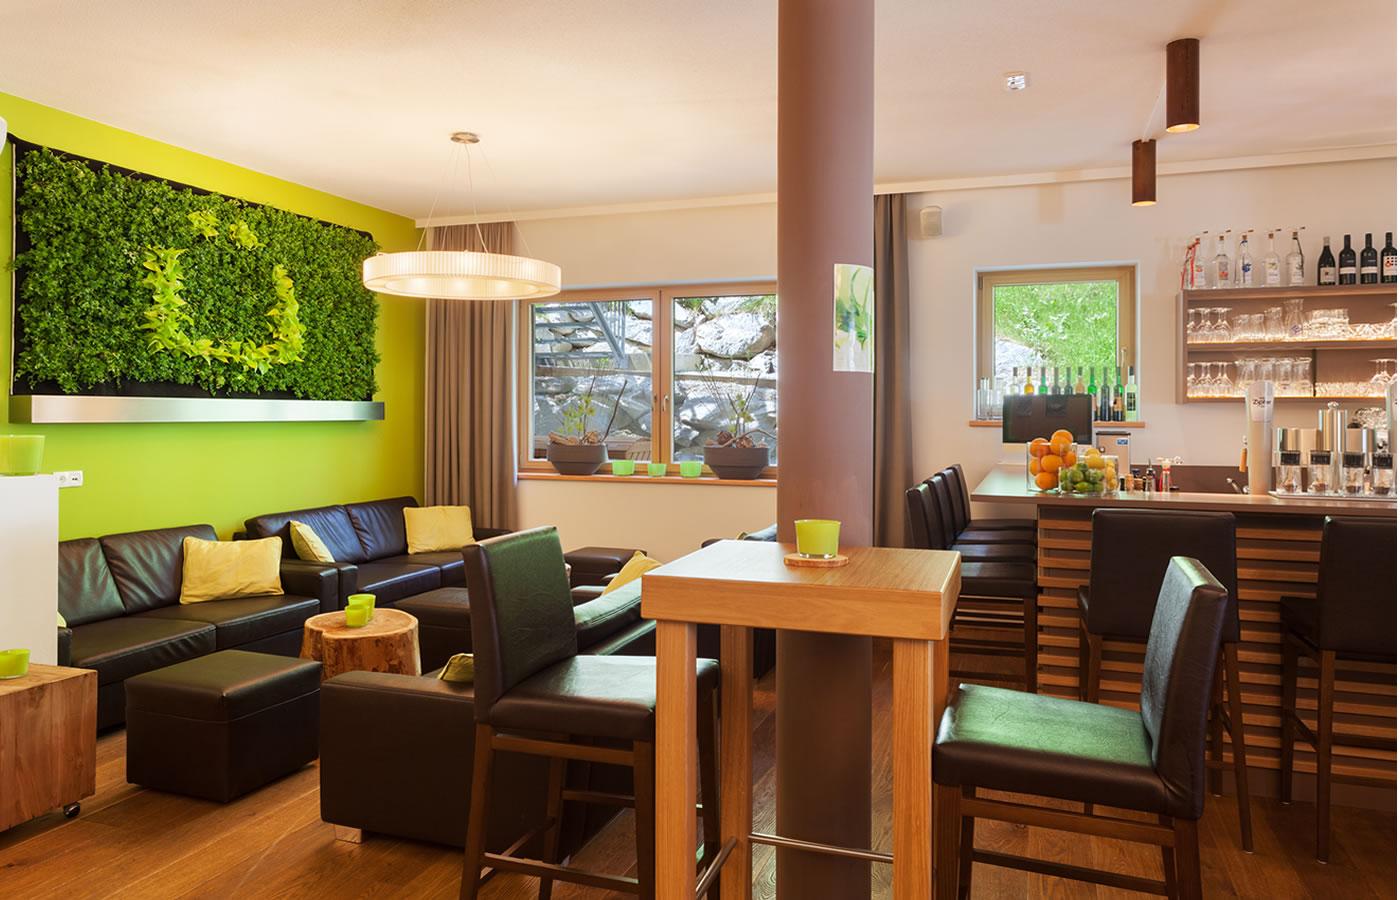 Loungen im Hotel Natürlich in Fiss, Österreich.